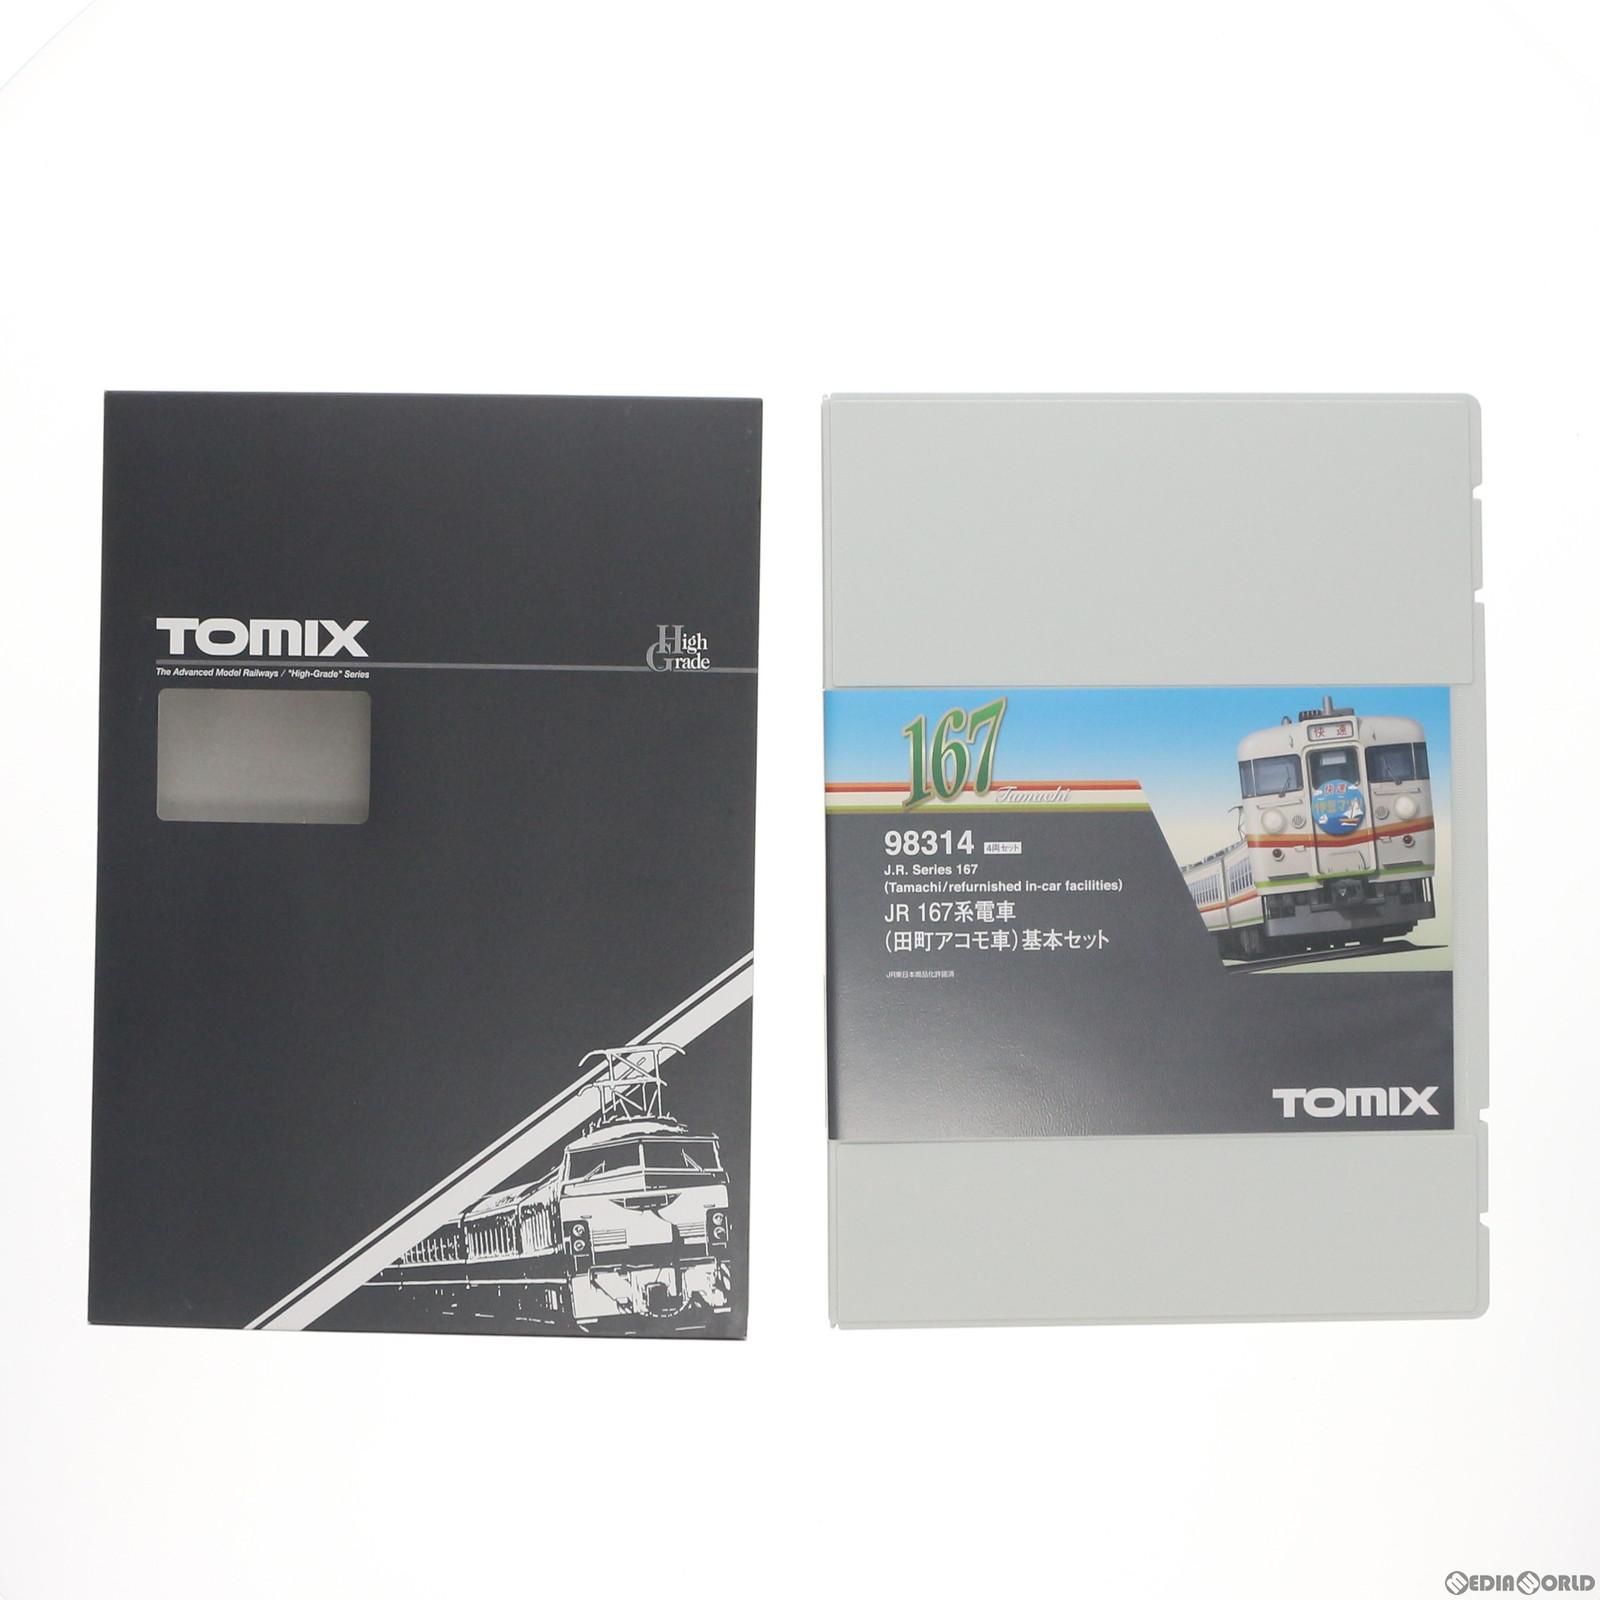 【予約安心発送】[RWM]98314 JR 167系電車(田町アコモ車)基本セット(4両) Nゲージ 鉄道模型 TOMIX(トミックス)(2019年3月)